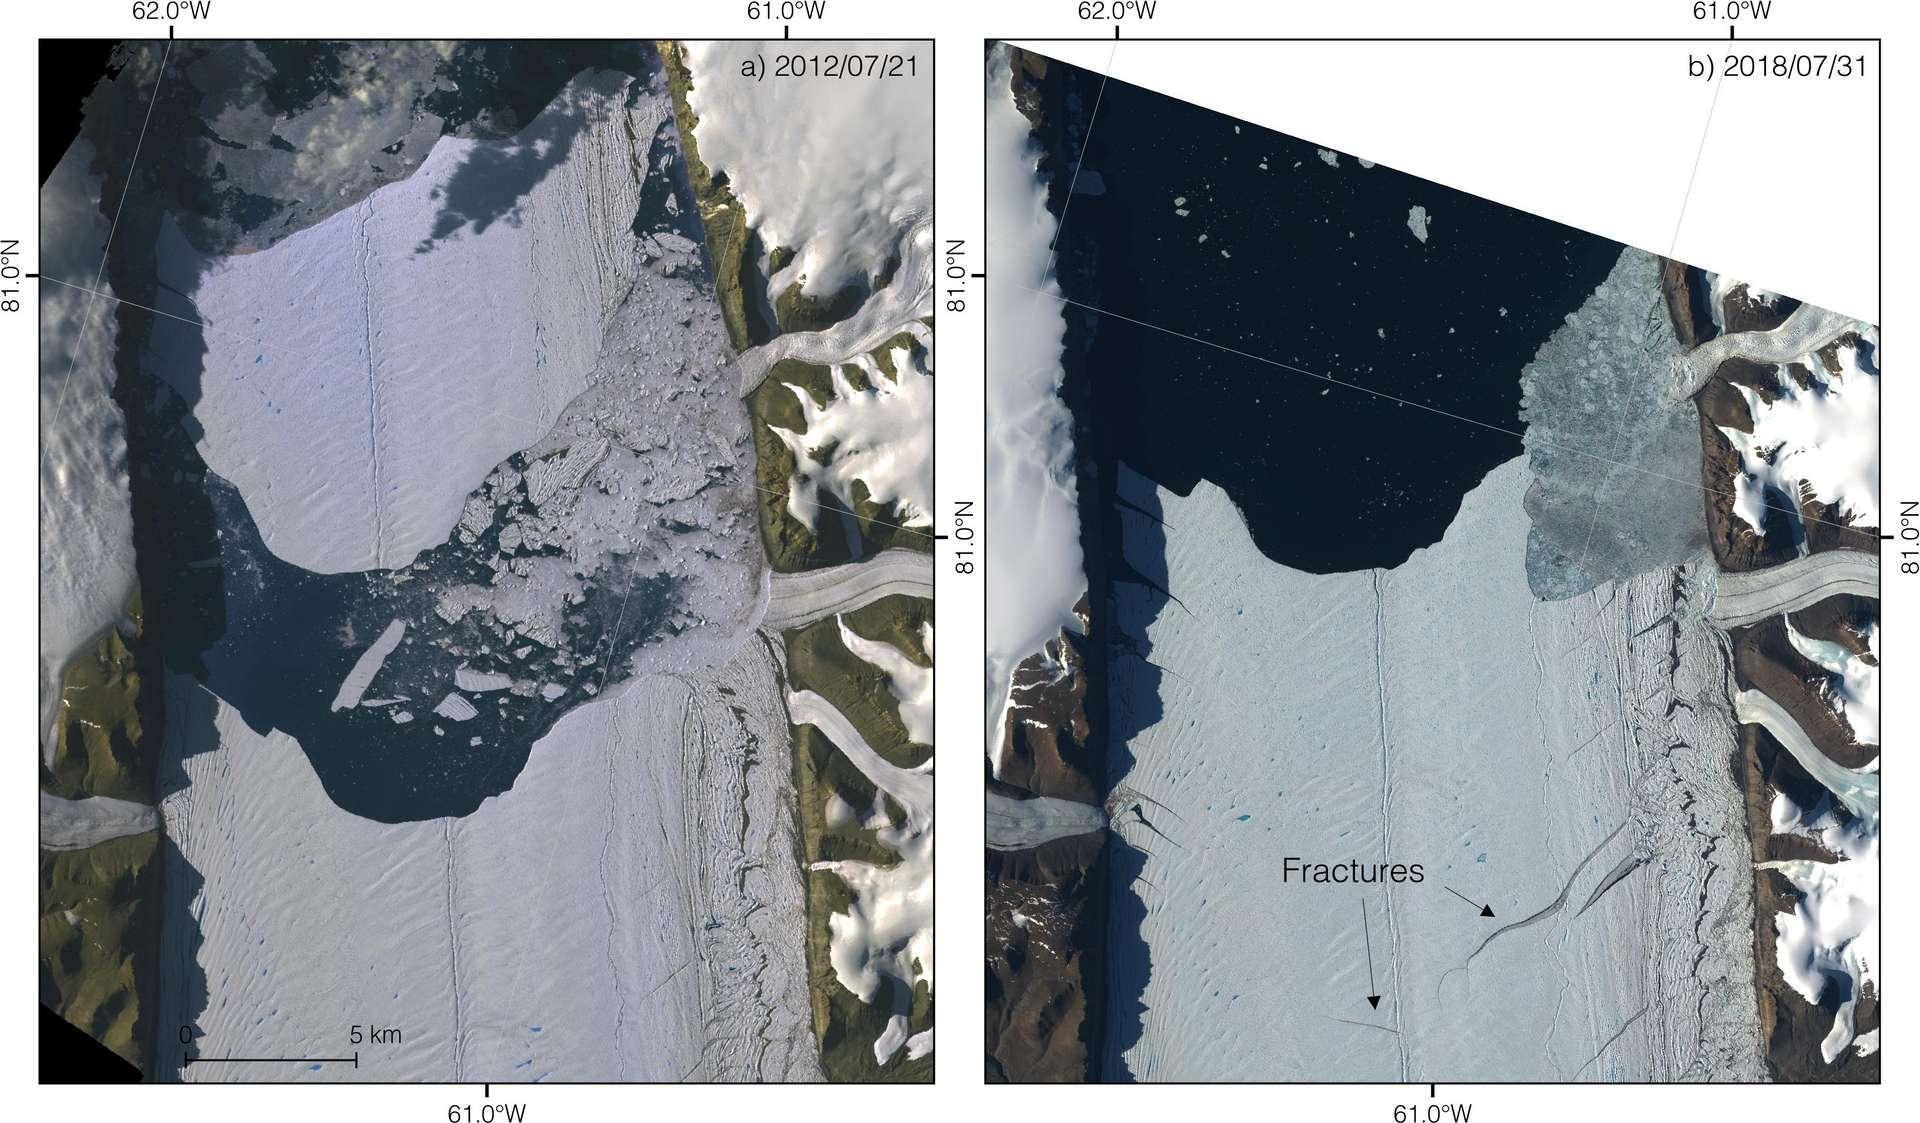 À gauche, le glacier Petermann vu par le satellite Terra de la Nasa peu après qu'un iceberg se soit détaché de la langue en 2012. À droite, le glacier vu par le satellite Sentinel 2 de l'ESA le 31 juillet 2018. De nouvelles fissures sont visibles, se développant depuis le versant est du fjord jusqu'au milieu de la langue. © Nasa/JPL/ESA